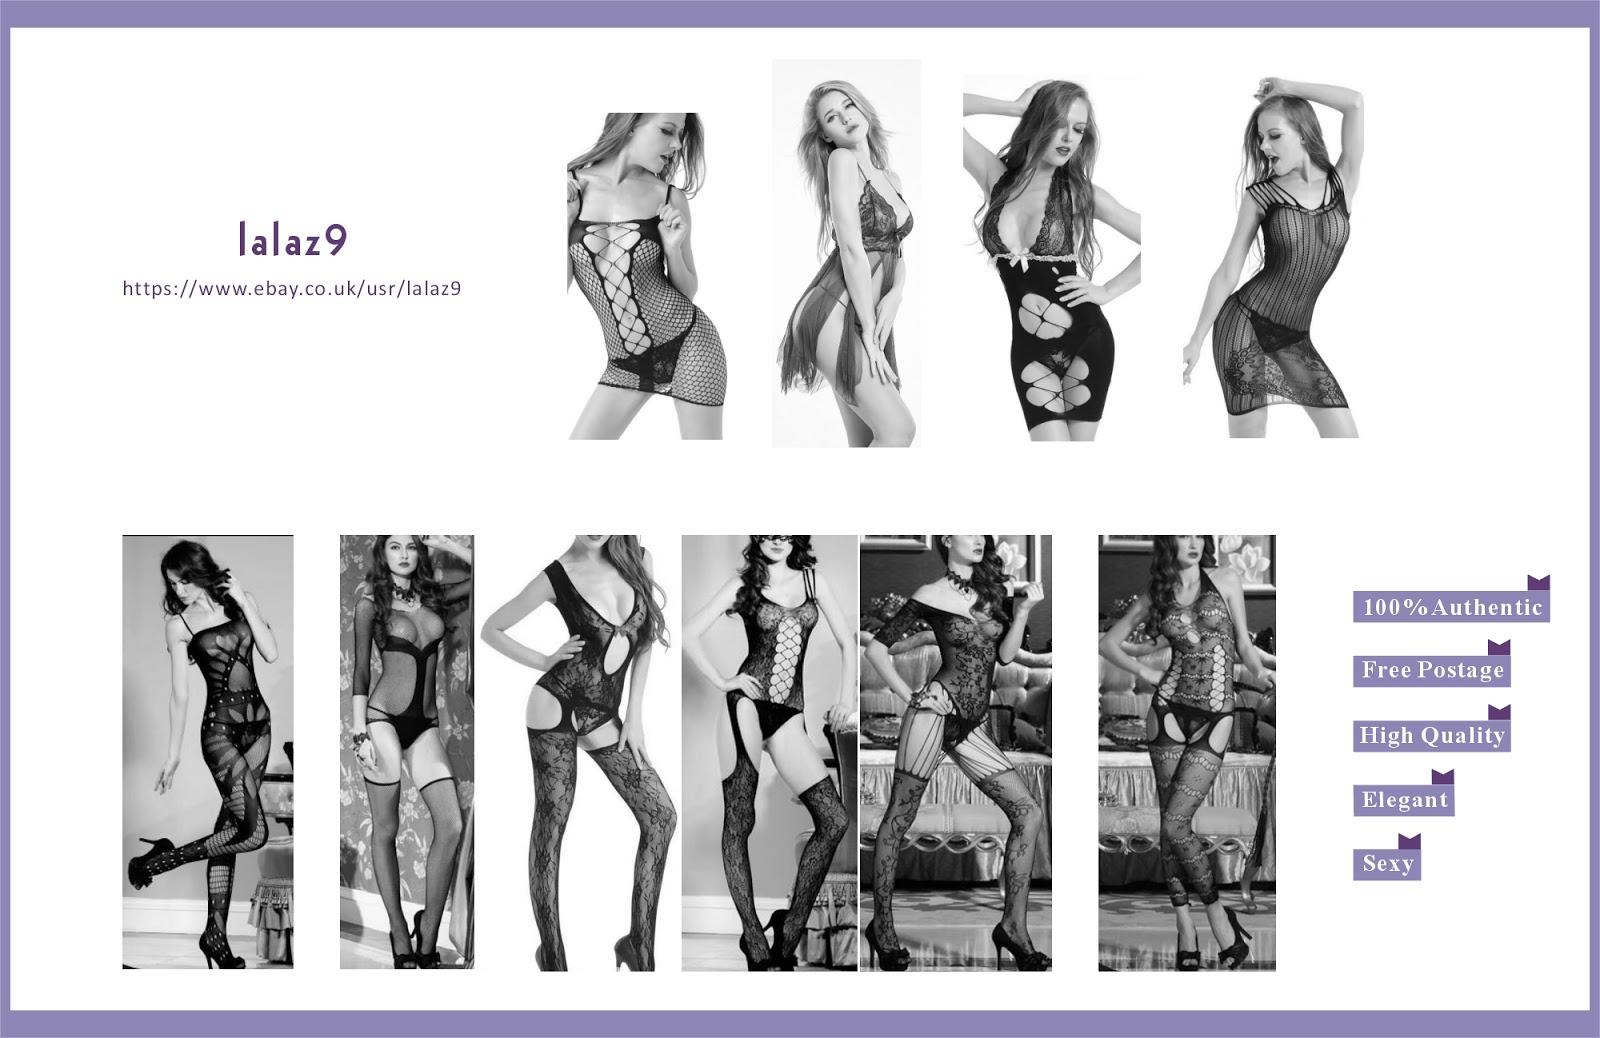 65chiayee 我有我态度之乱乱煮画计绪写 Ads Sex Body Stocking Lingerie Underwear Lalaz9 Ebay Co Uk